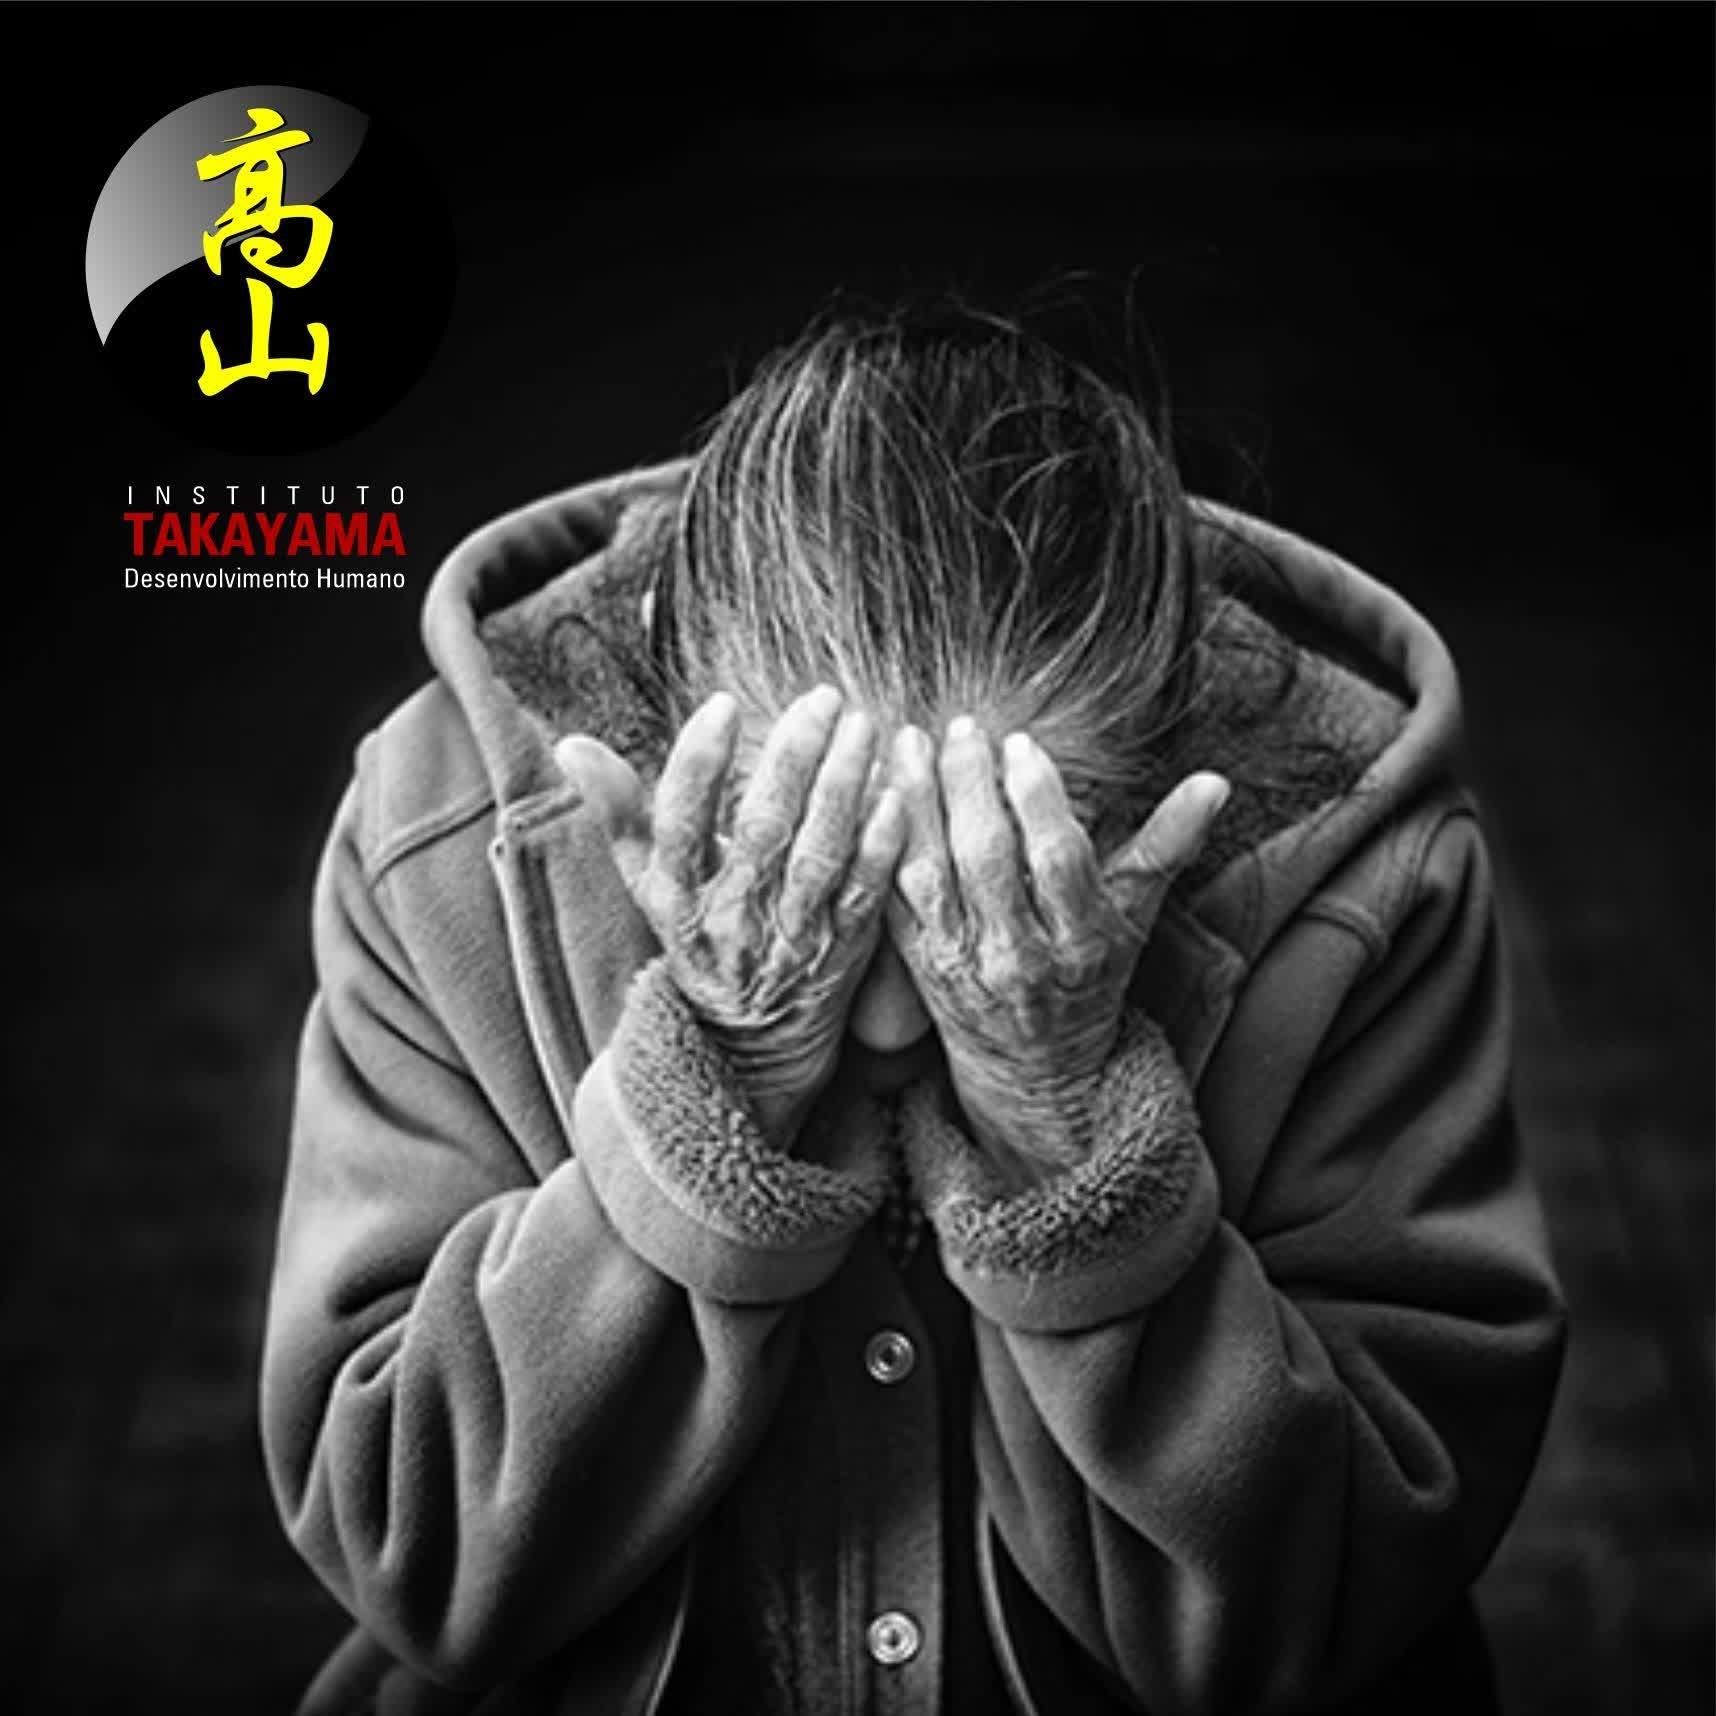 Áudio de indução para dor de sofrimento e tristeza - Podcast - #005